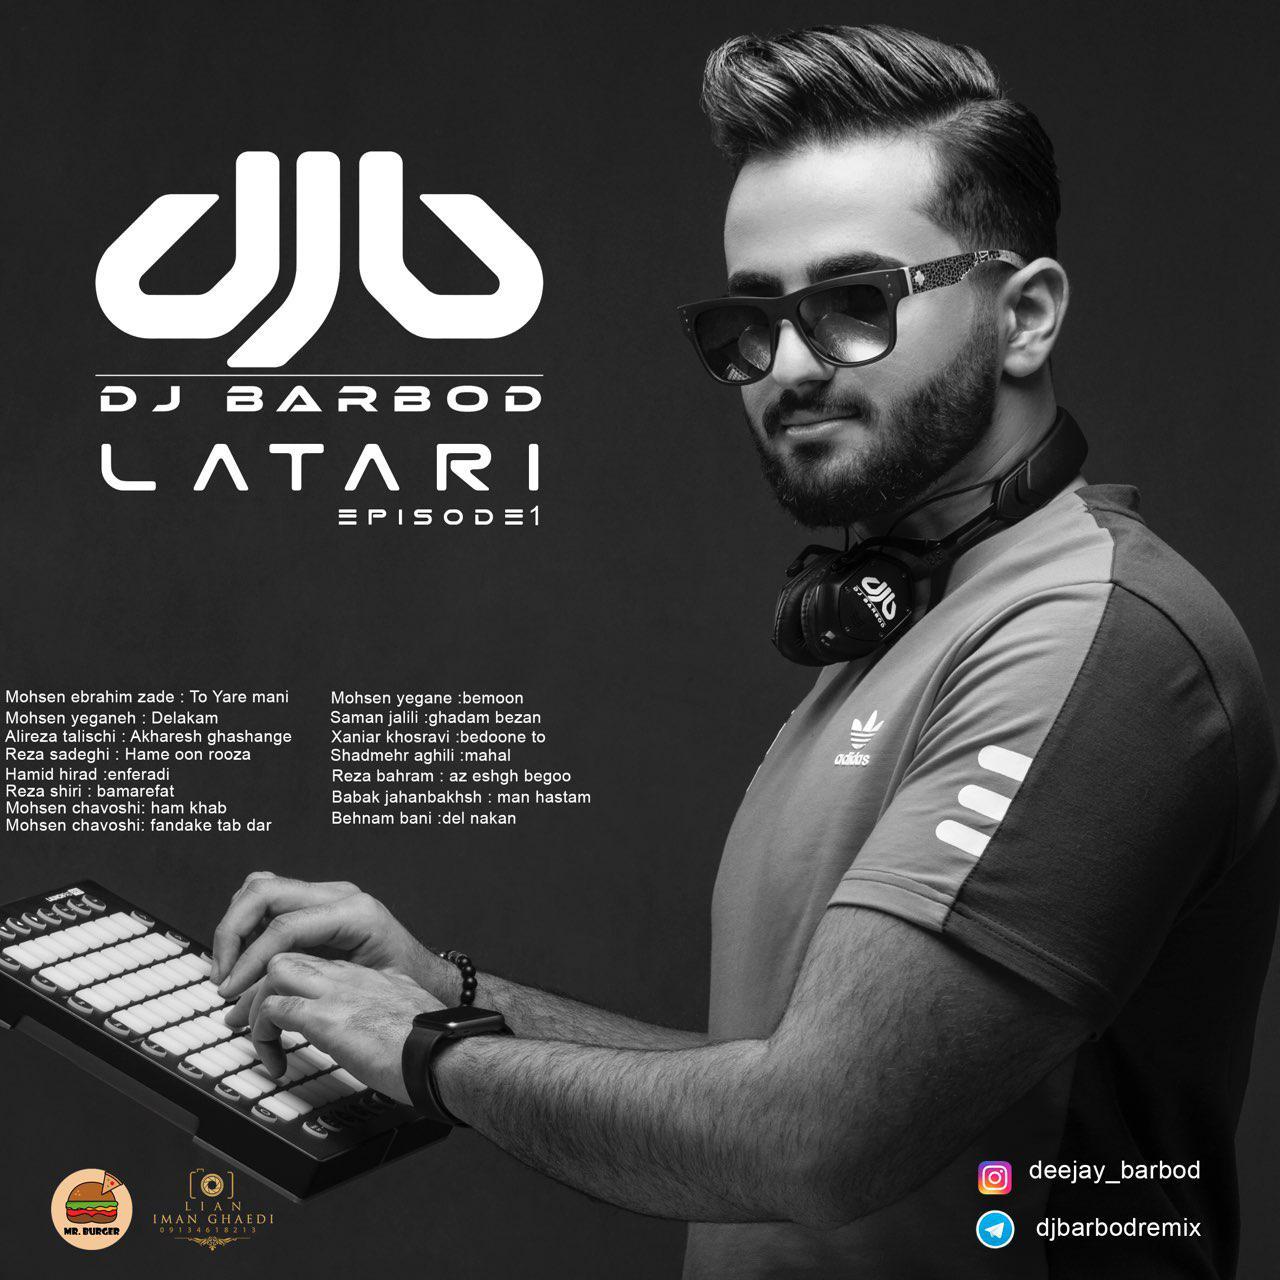 Dj Barbod – Latari 01